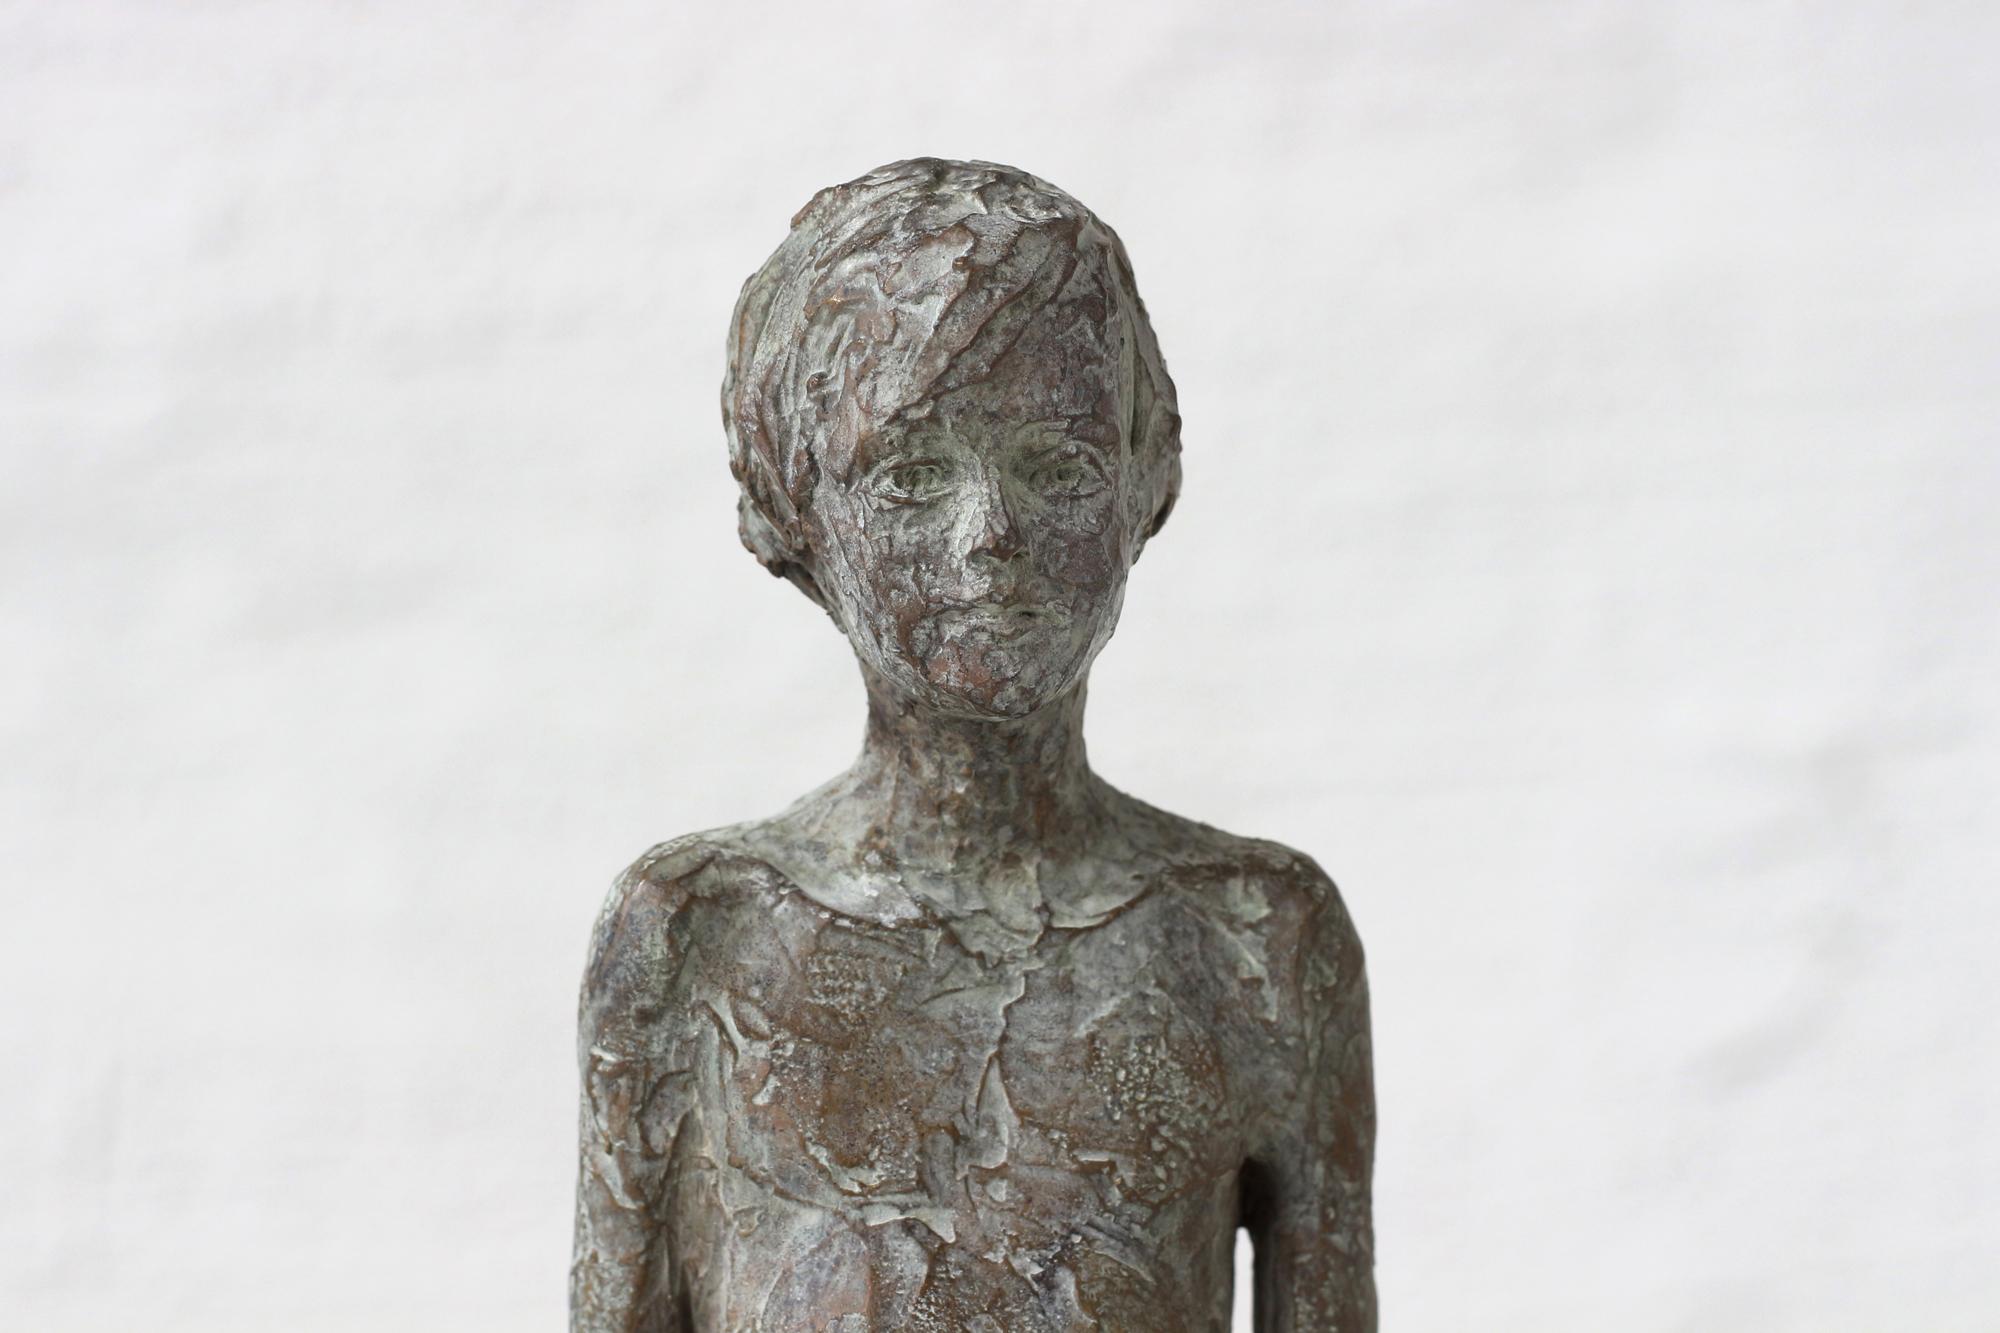 Knabenfigur in Bronze einfach stehend.